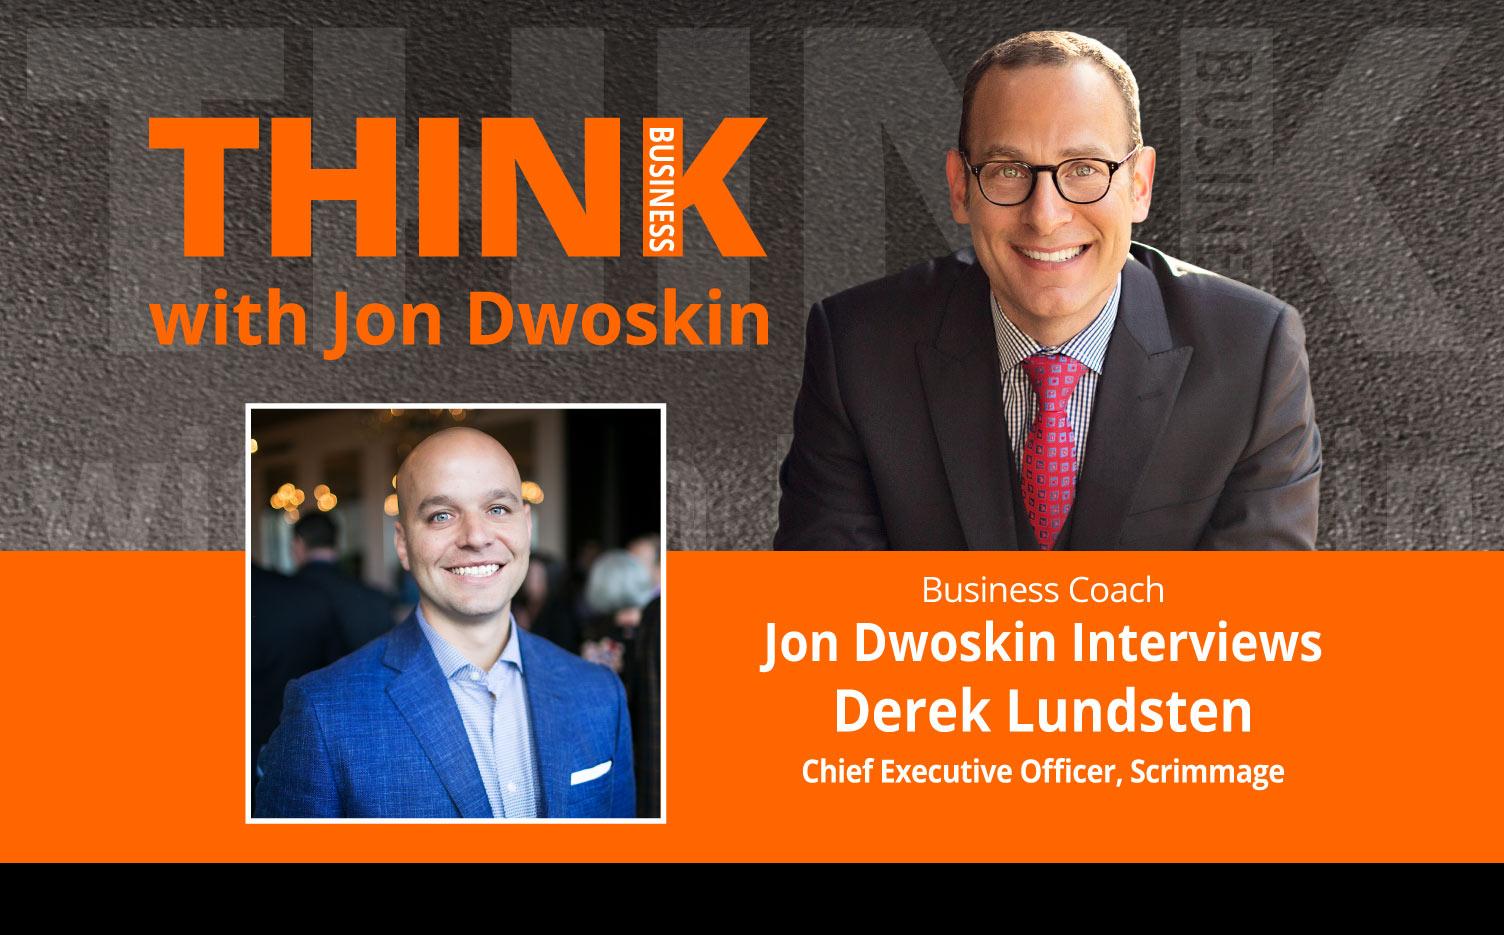 THINK Business Podcast: Jon Dwoskin Interviews Derek Lundsten, Chief Executive Officer, Scrimmage